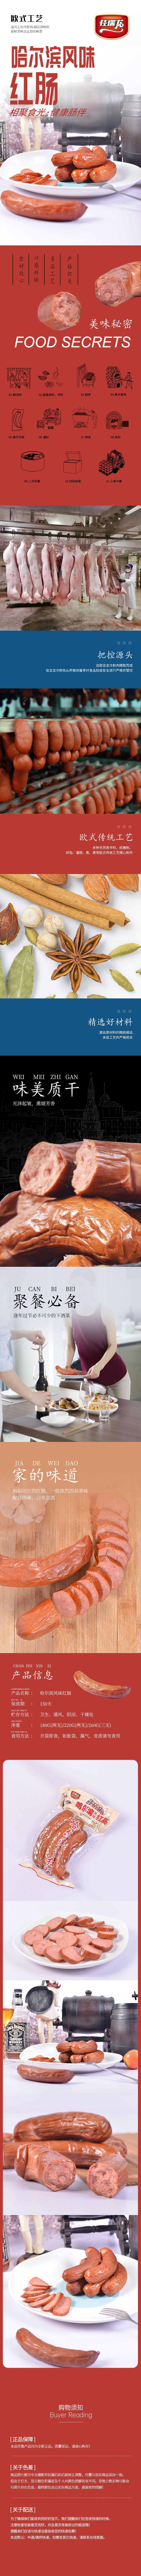 紅腸詳情_看圖王.jpg